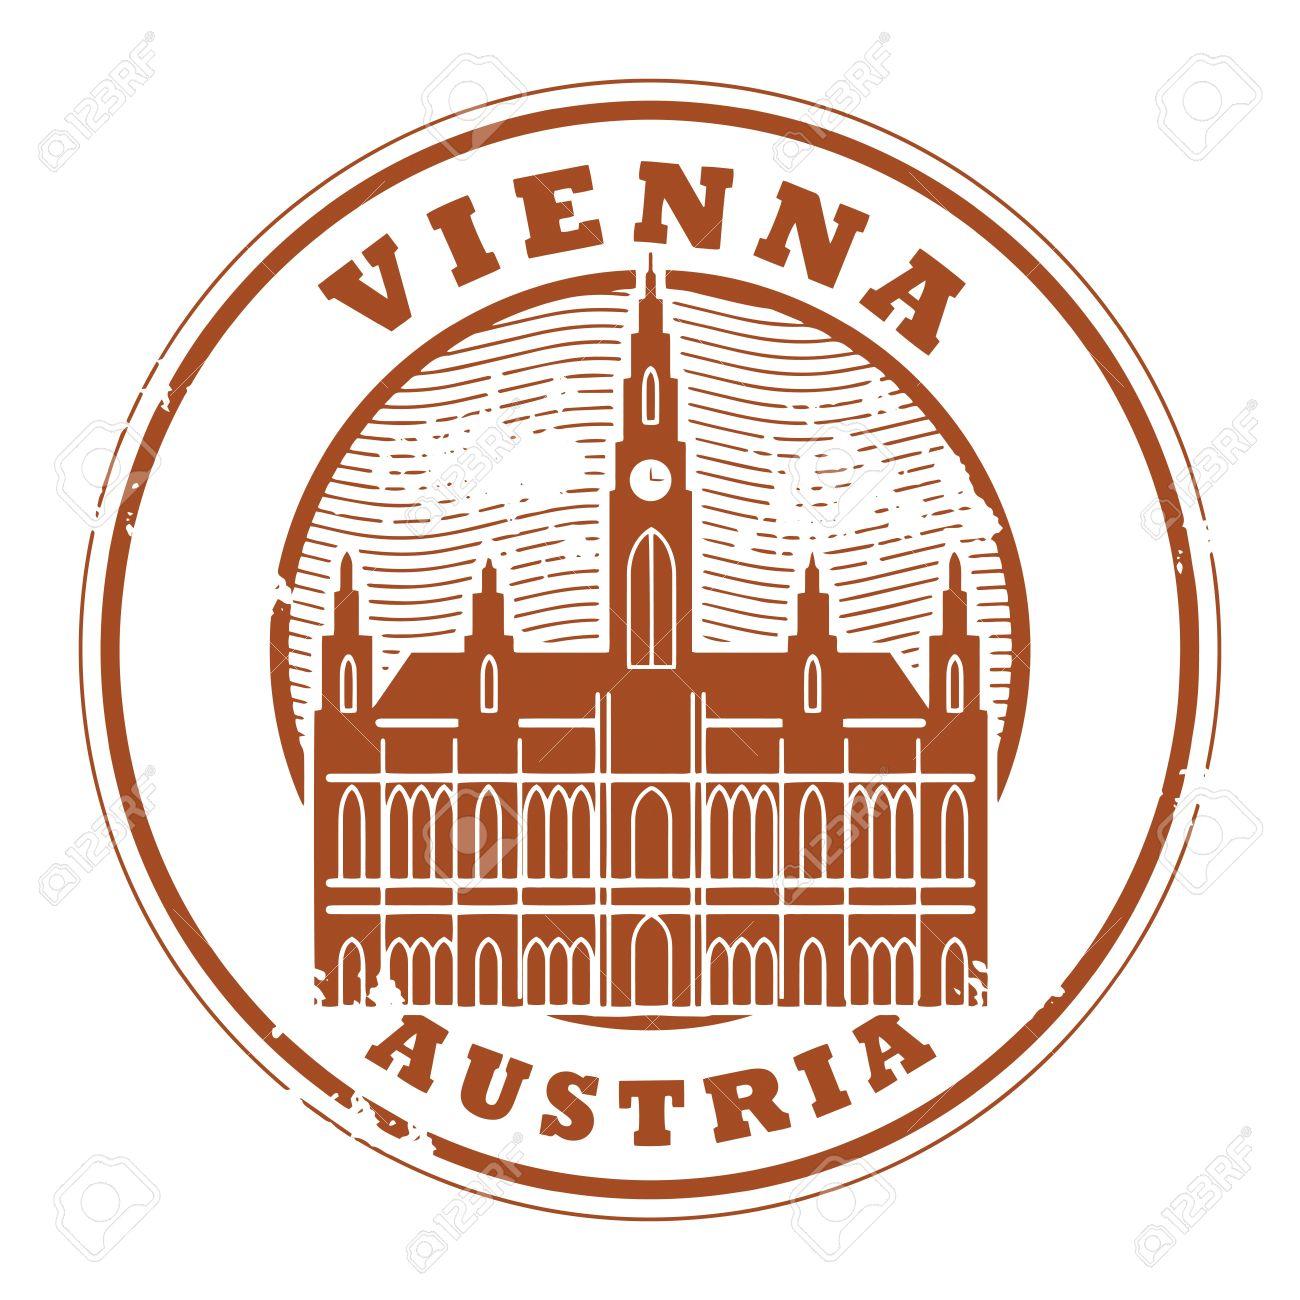 Vienna clipart.